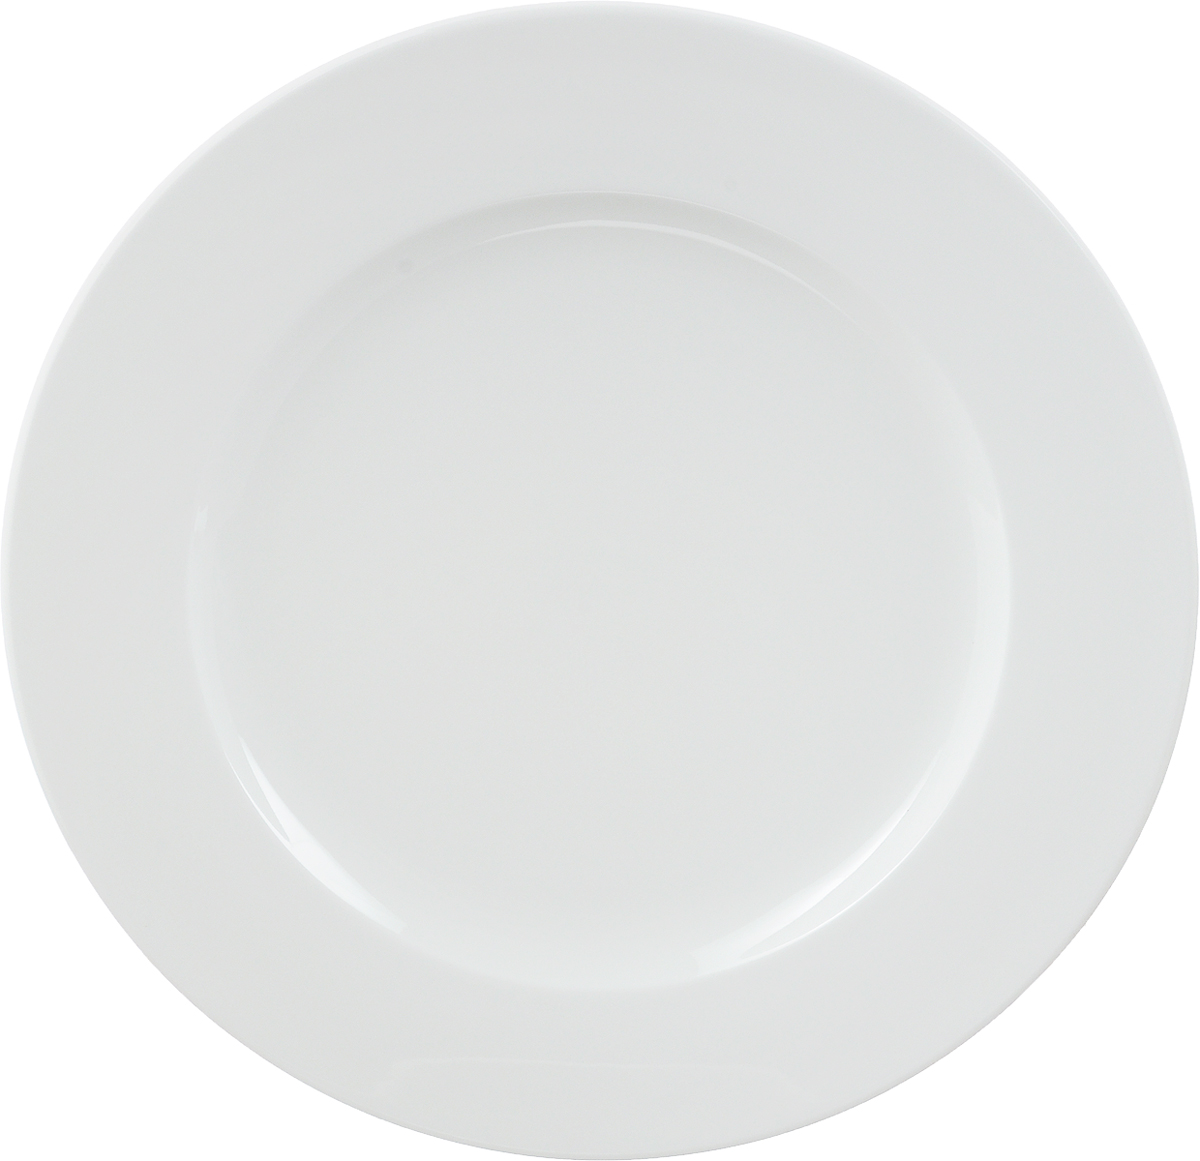 Тарелка мелкая Ariane Прайм, диаметр 31 см54 009312Мелкая тарелка Ariane Прайм, изготовленная из высококачественного фарфора, имеет классическую круглую форму. Такая тарелка отлично подойдет в качестве блюда для сервировки закусок, нарезок, горячих блюд. Изделие прекрасно впишется в интерьер вашей кухни и станет достойным дополнением к кухонному инвентарю. Тарелка Ariane Прайм подчеркнет прекрасный вкус хозяйки и станет отличным подарком.Можно мыть в посудомоечной машине и использовать в микроволновой печи. Высота тарелки: 2 см.Диаметр тарелки: 31 см.